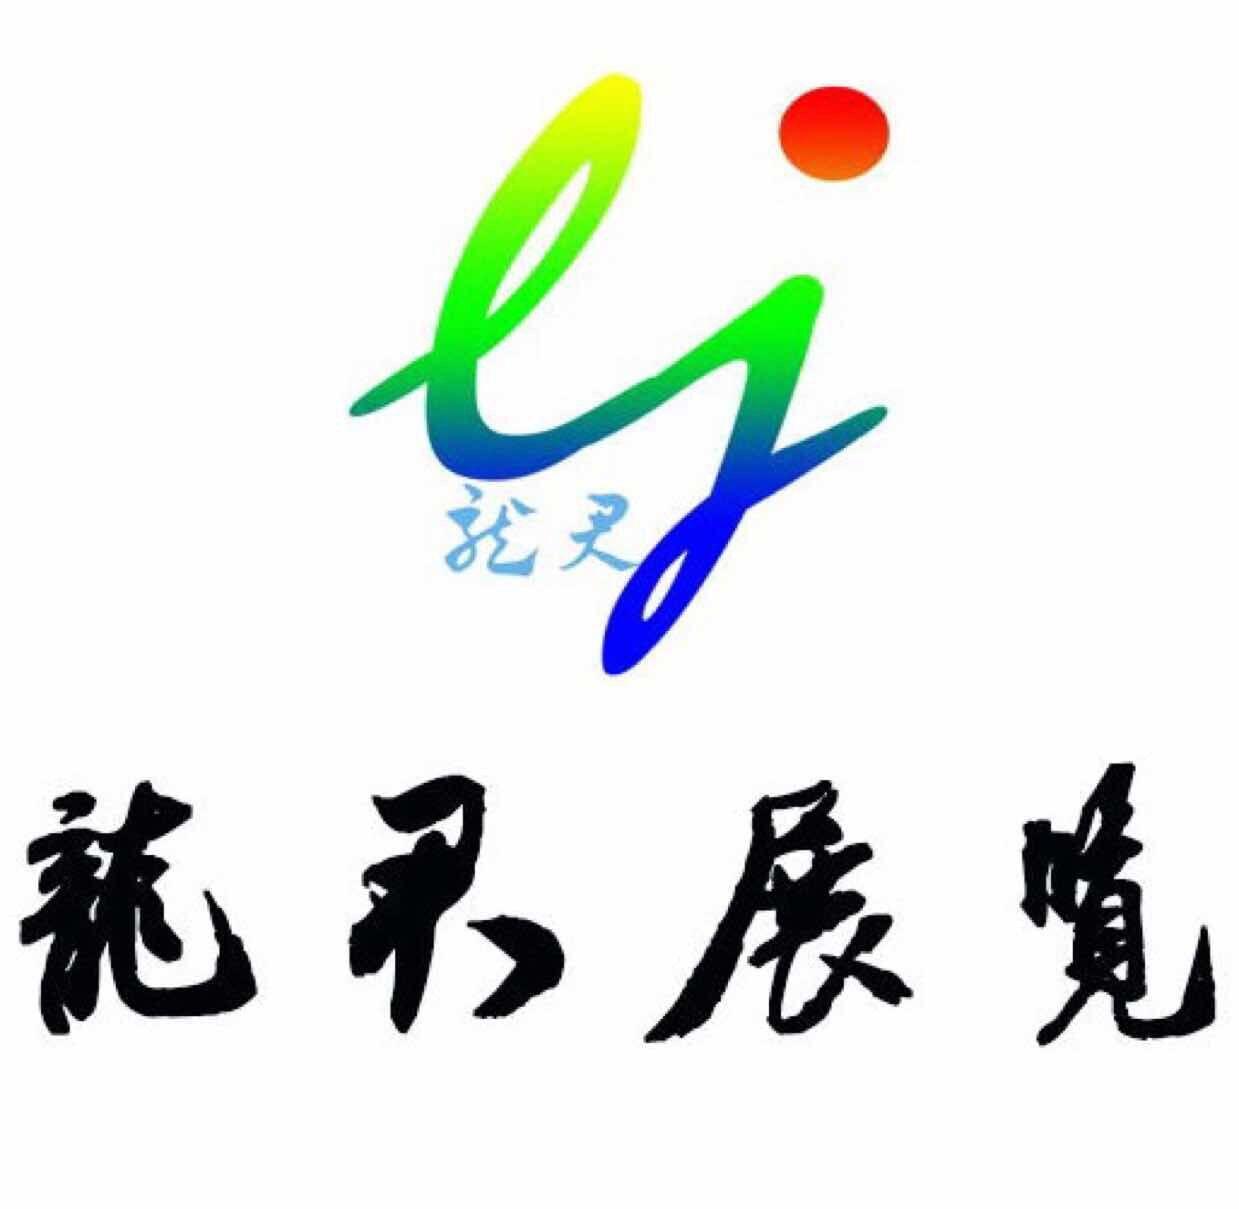 徐州龙君展览有限公司